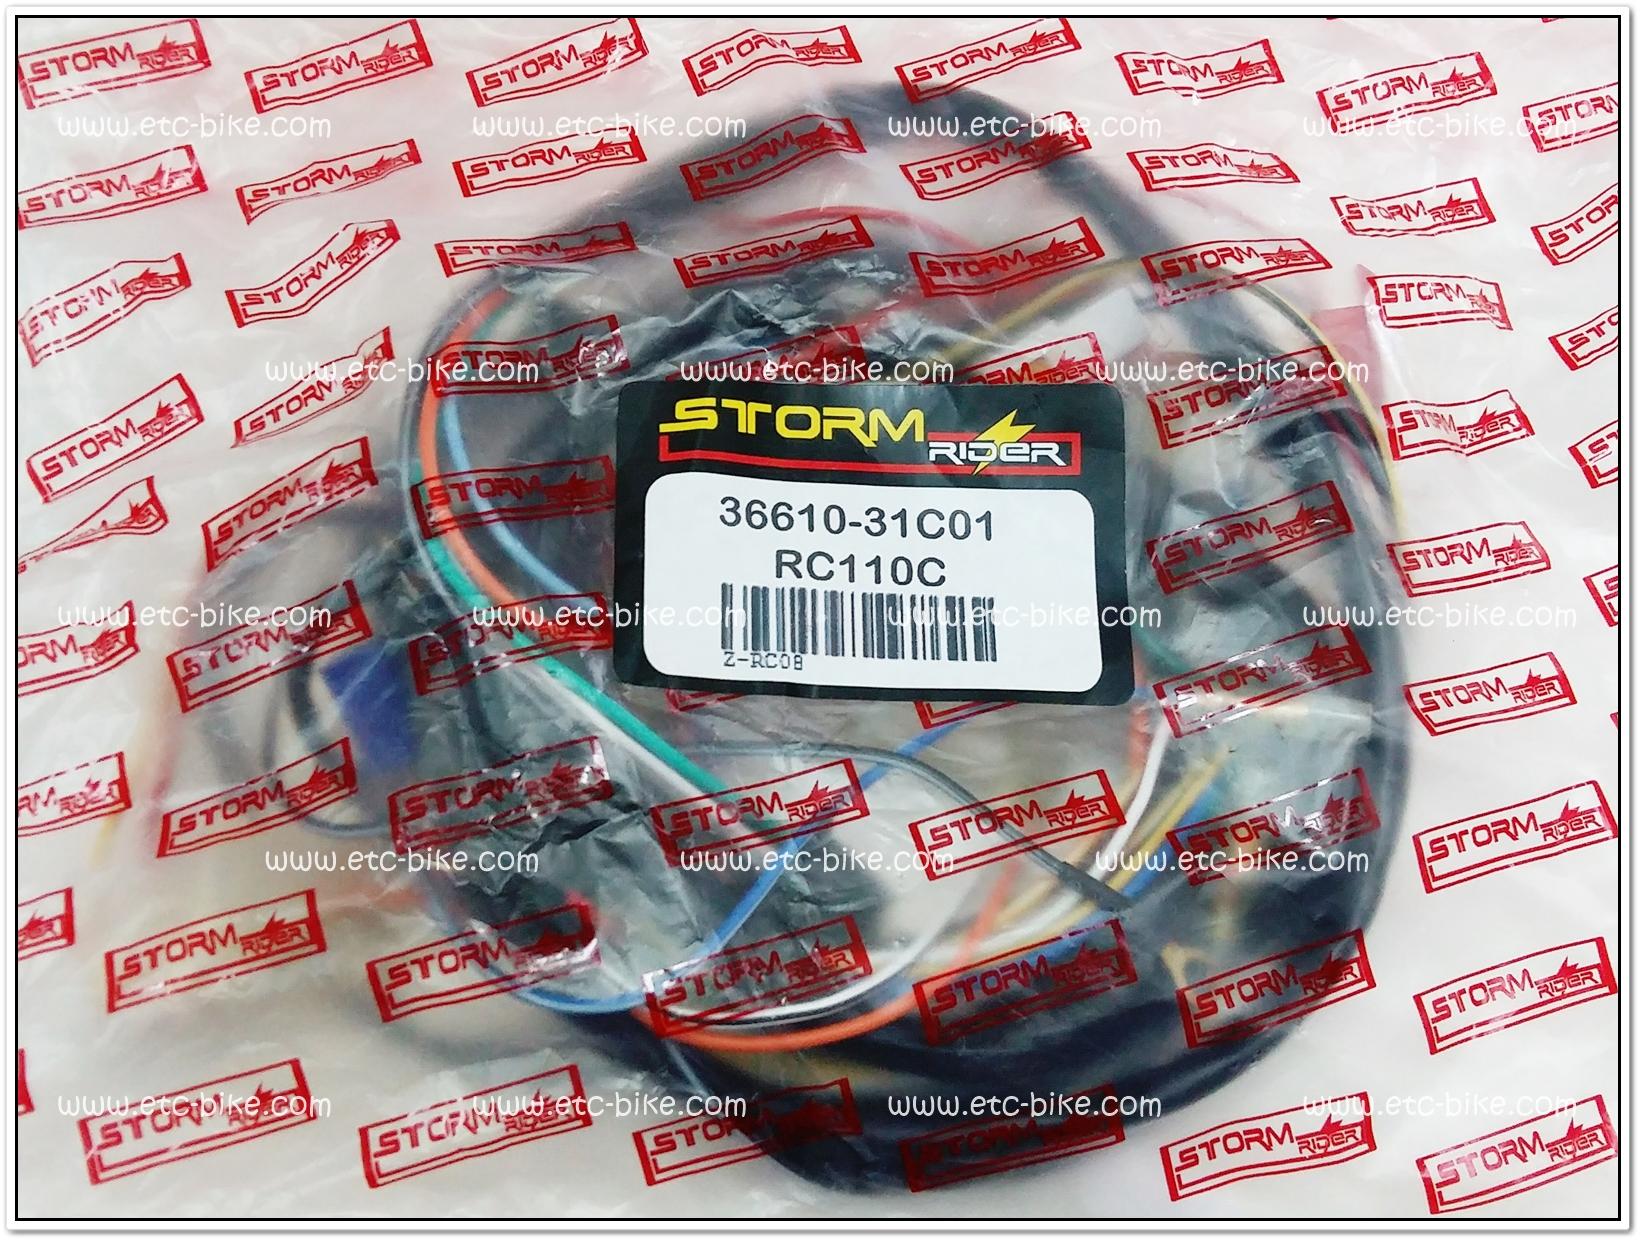 สายไฟชุด CRYSTAL สตาร์ทเท้า RC110C (36610-31C01)